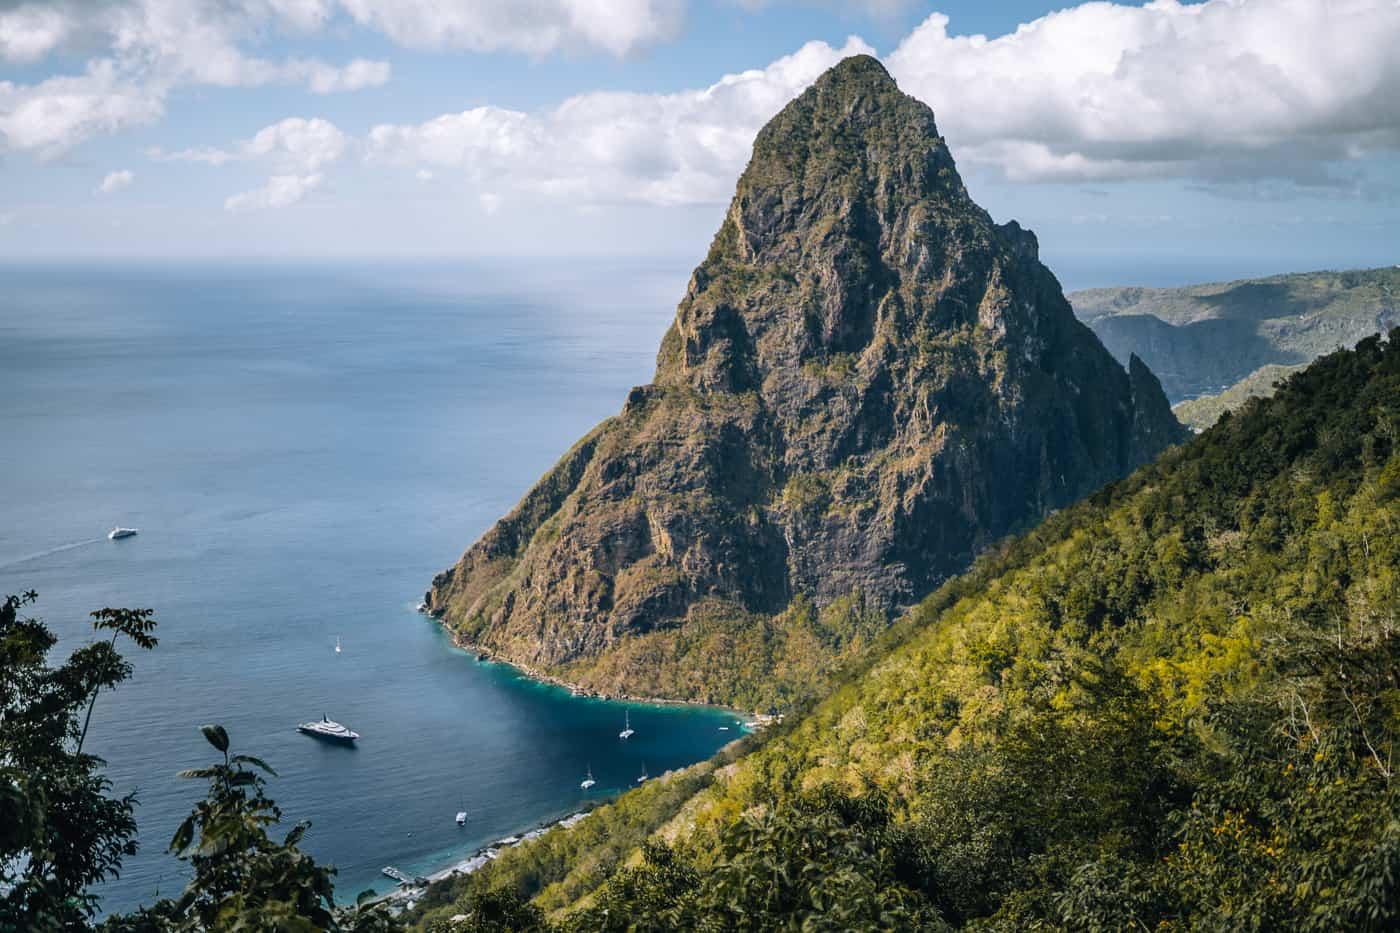 Saint Lucia - Tipps, Sehenswürdigkeiten, Strände & Ausflugsziele auf der Karibik-Insel: Tet Paul Nature Trail